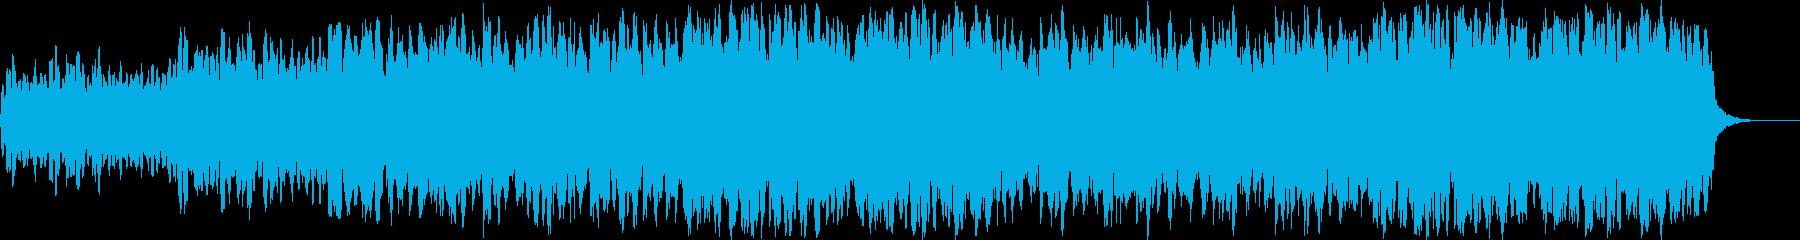 楽しく軽快なアイリッシュ・ポルカの再生済みの波形